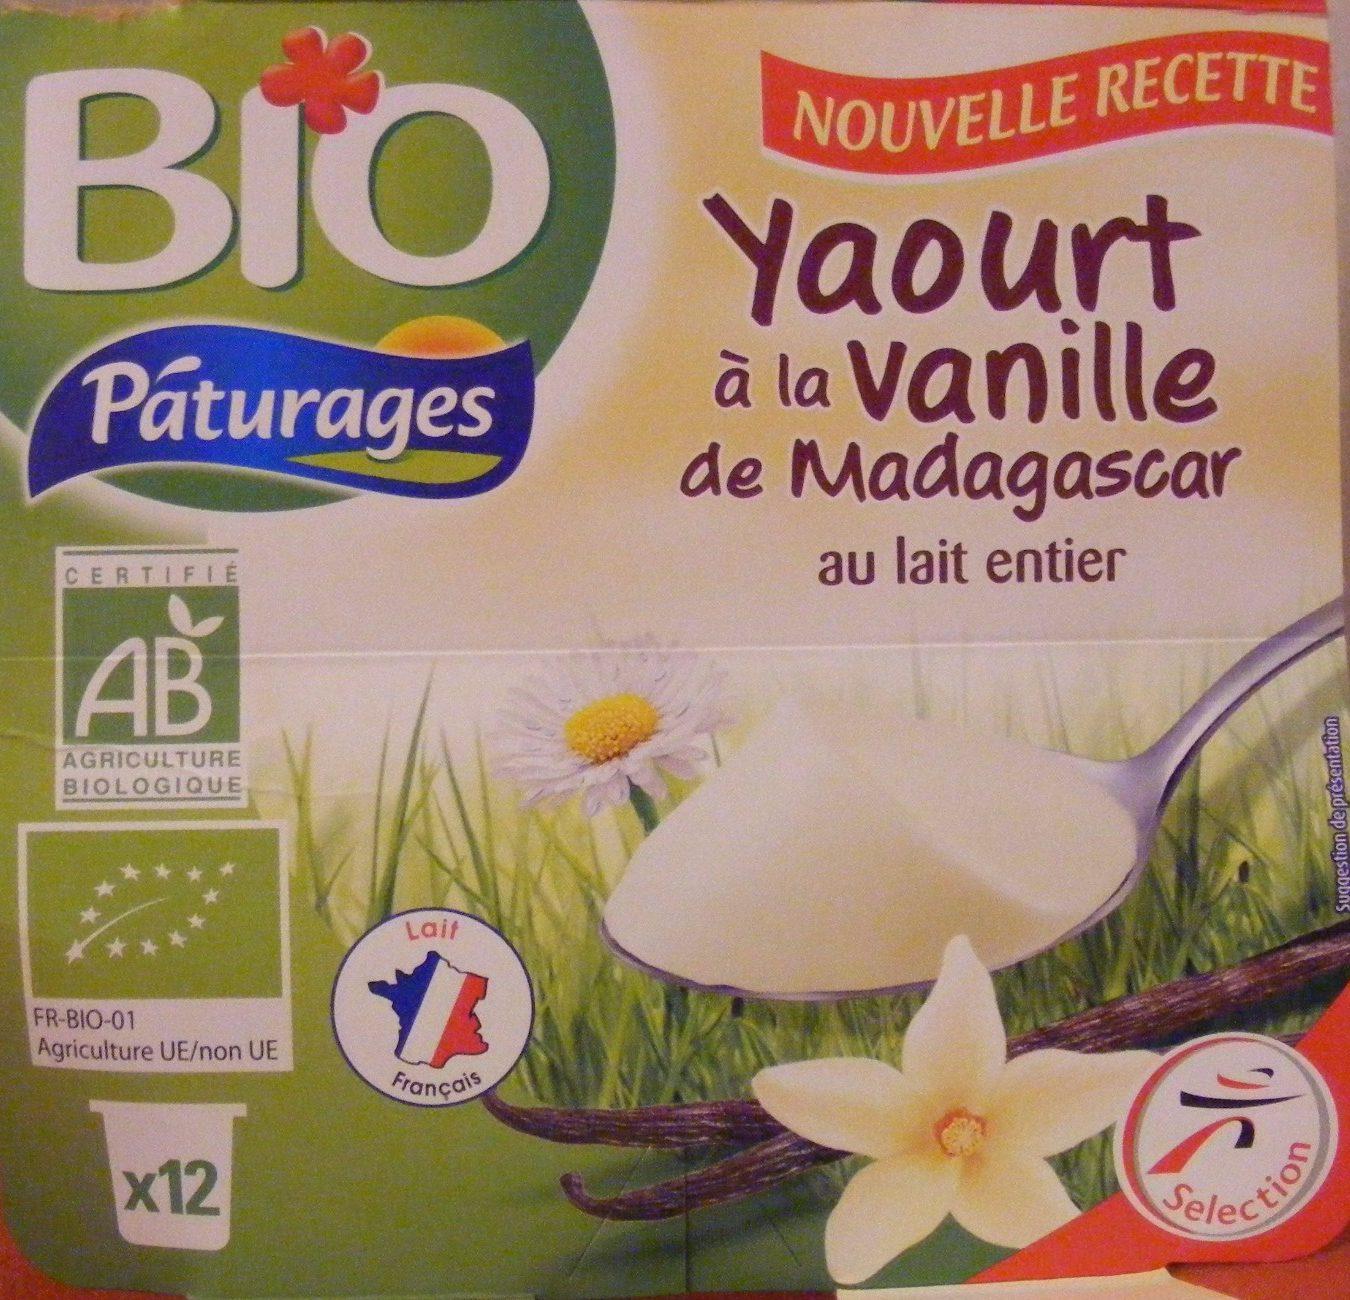 Yaourt à la vanille au lait entier - Product